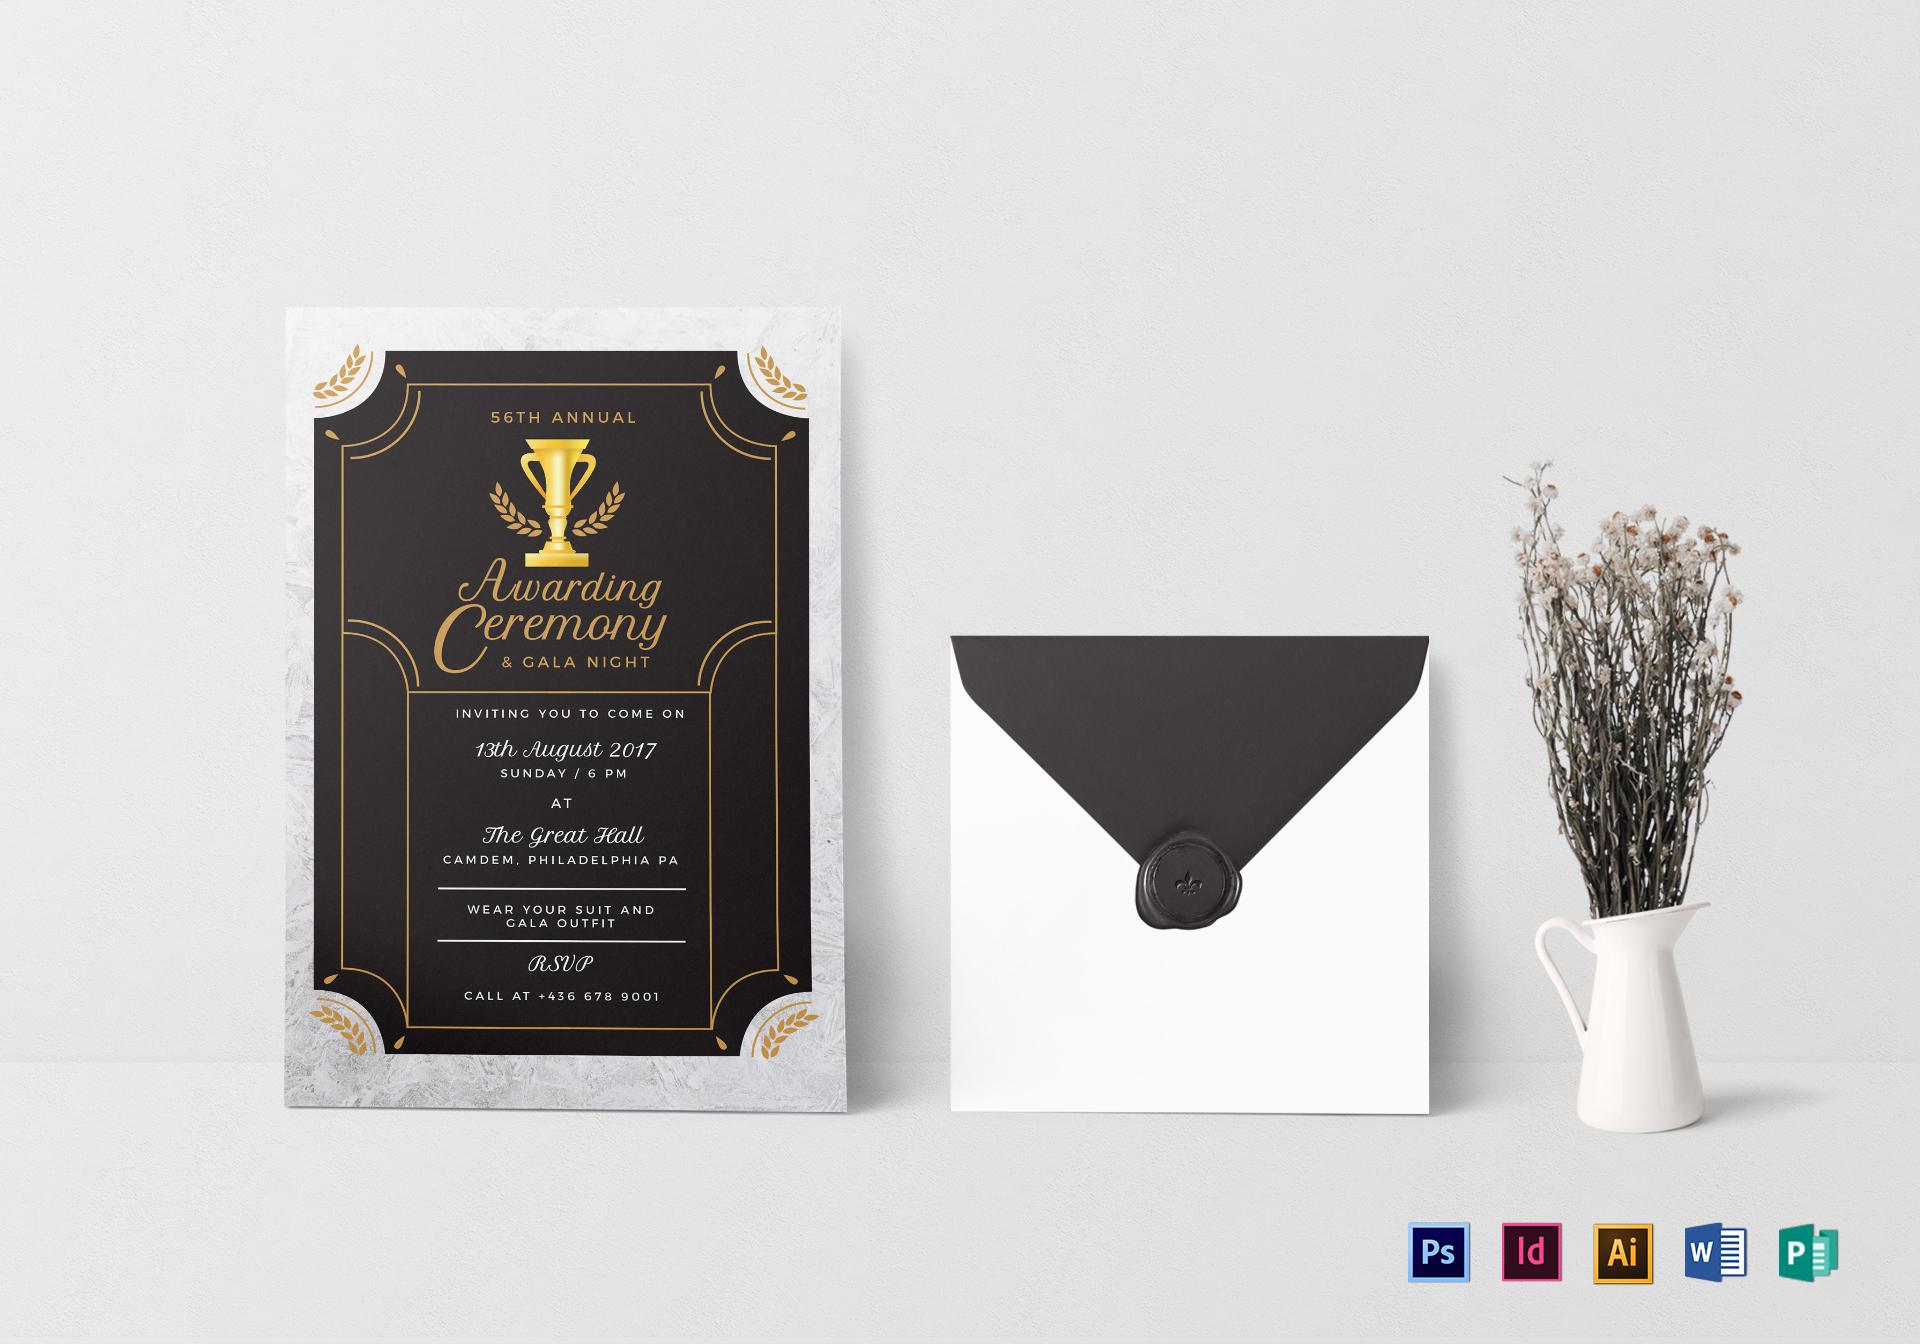 Annual Award Ceremony Invitation Template